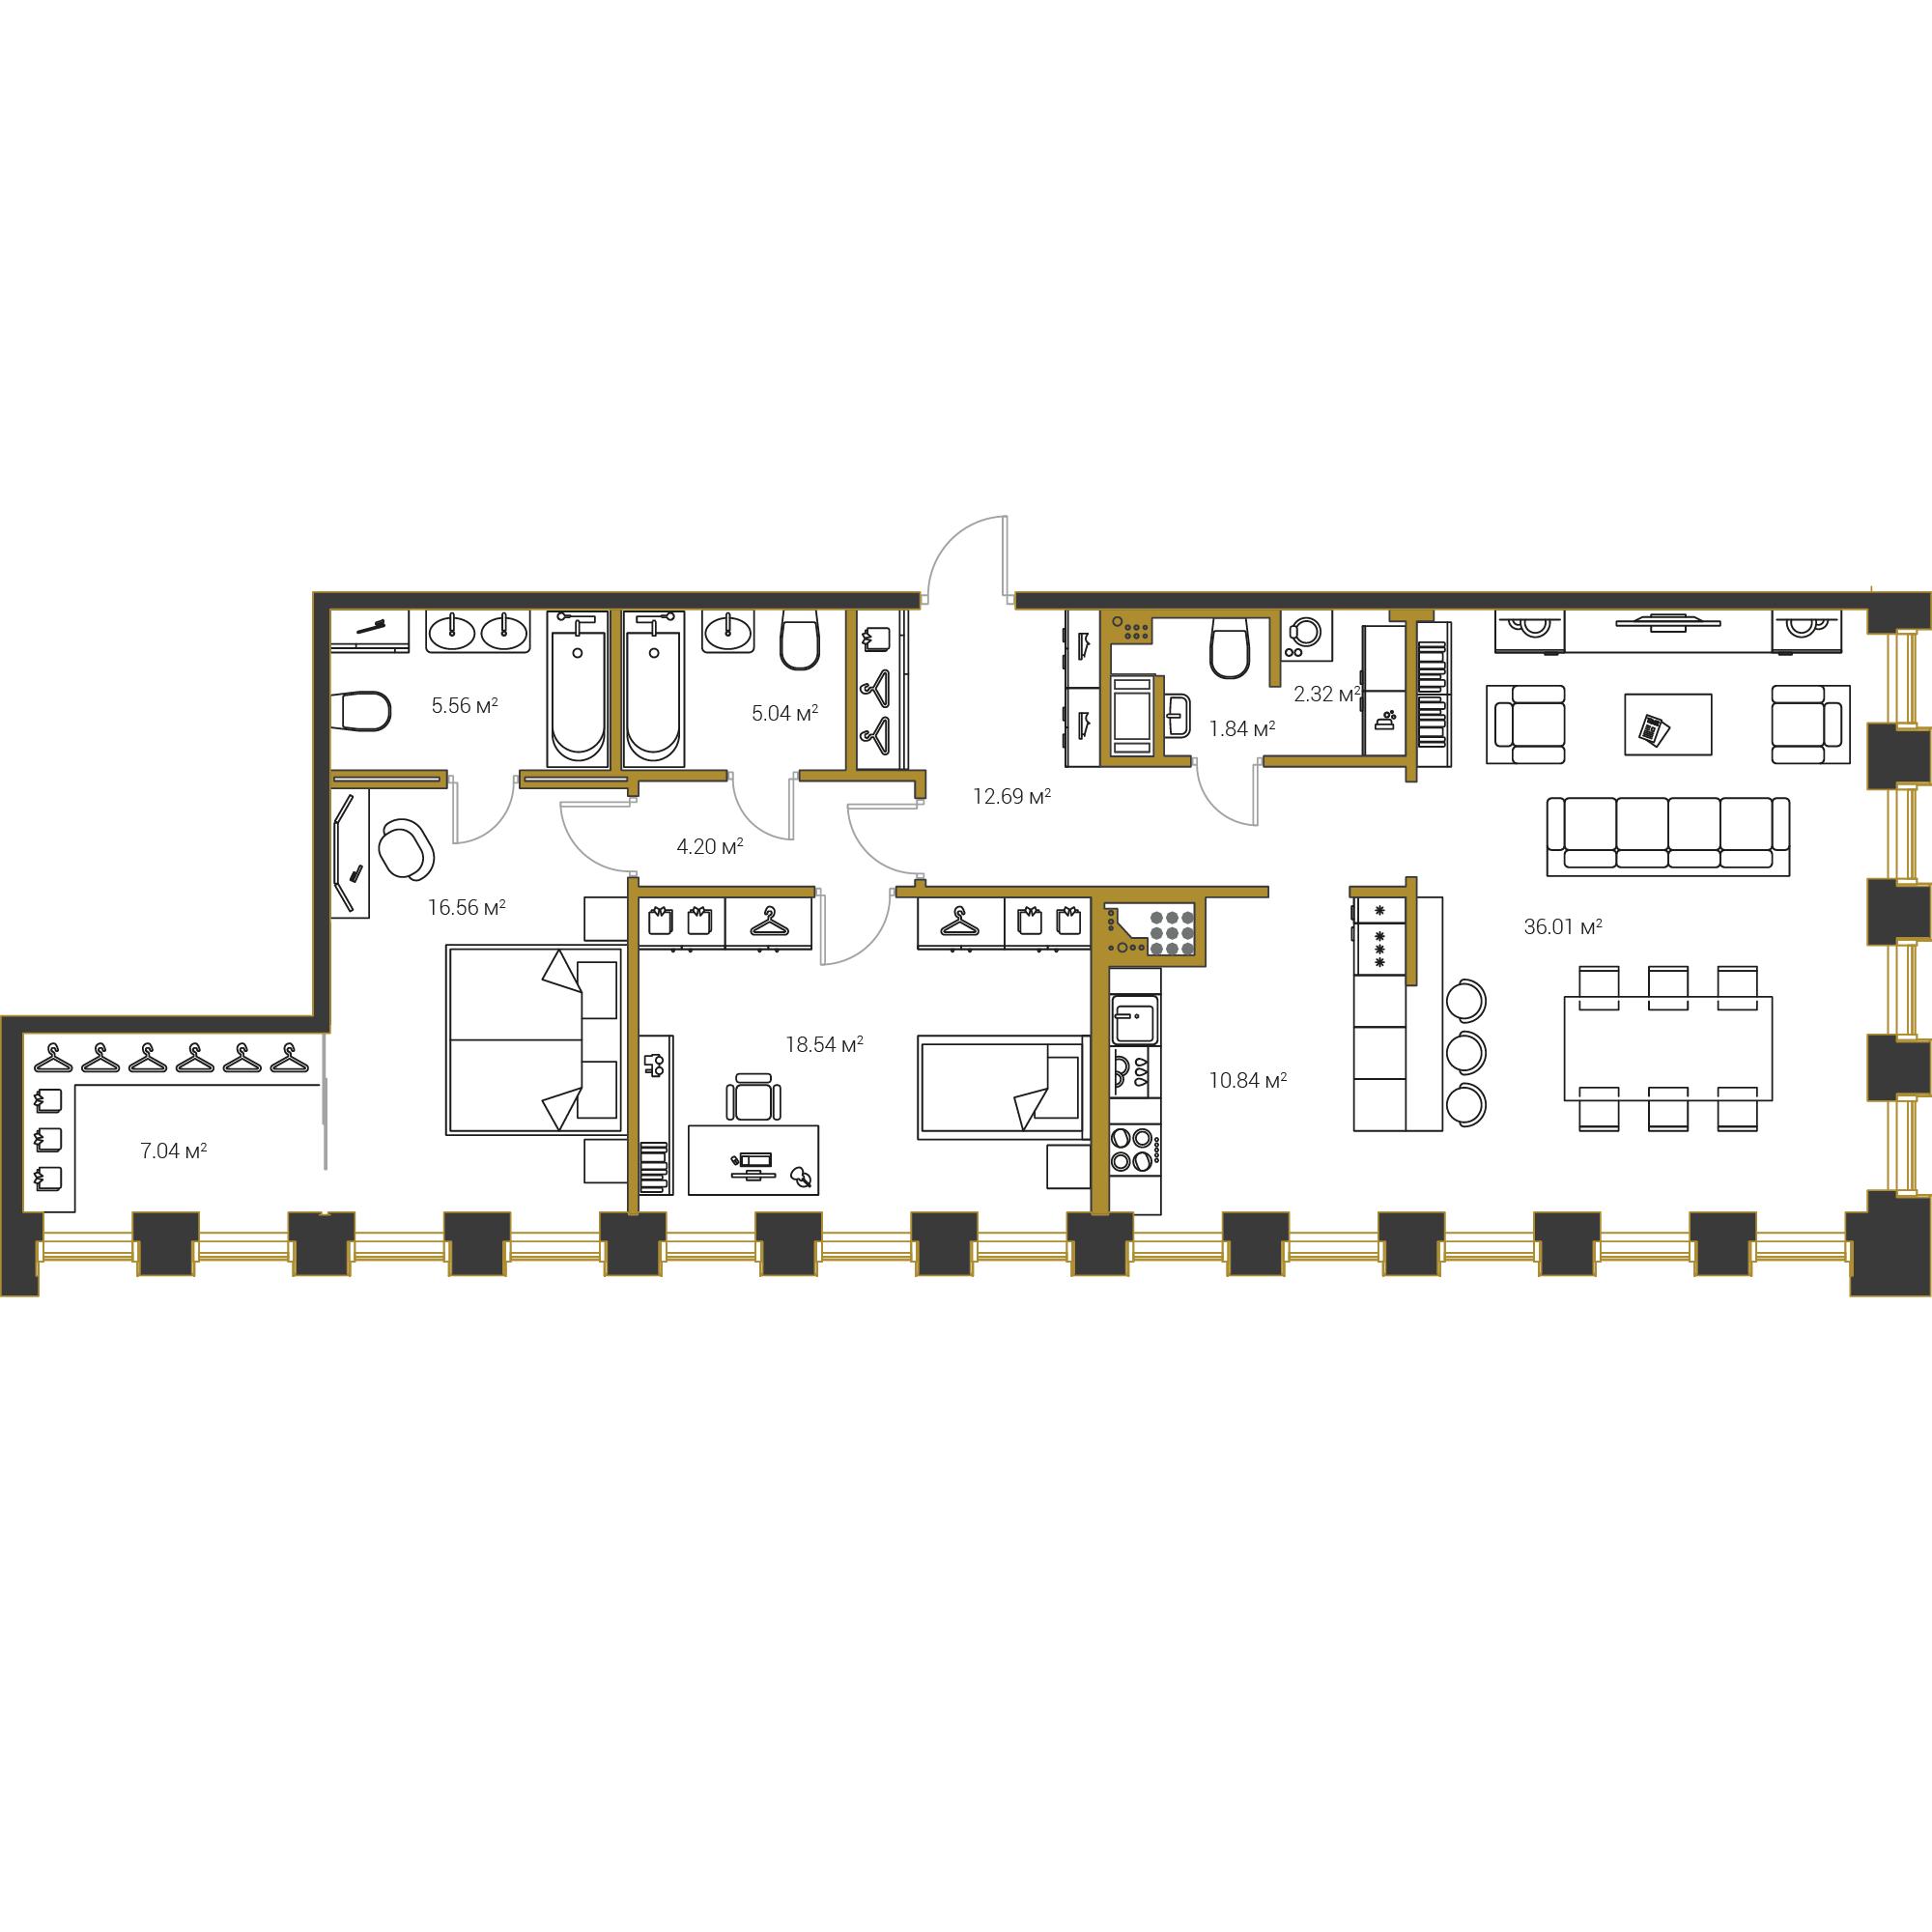 2-комнатная квартира №16 в: Институтский,16: 120.64 м²; этаж: 8 - купить в Санкт-Петербурге